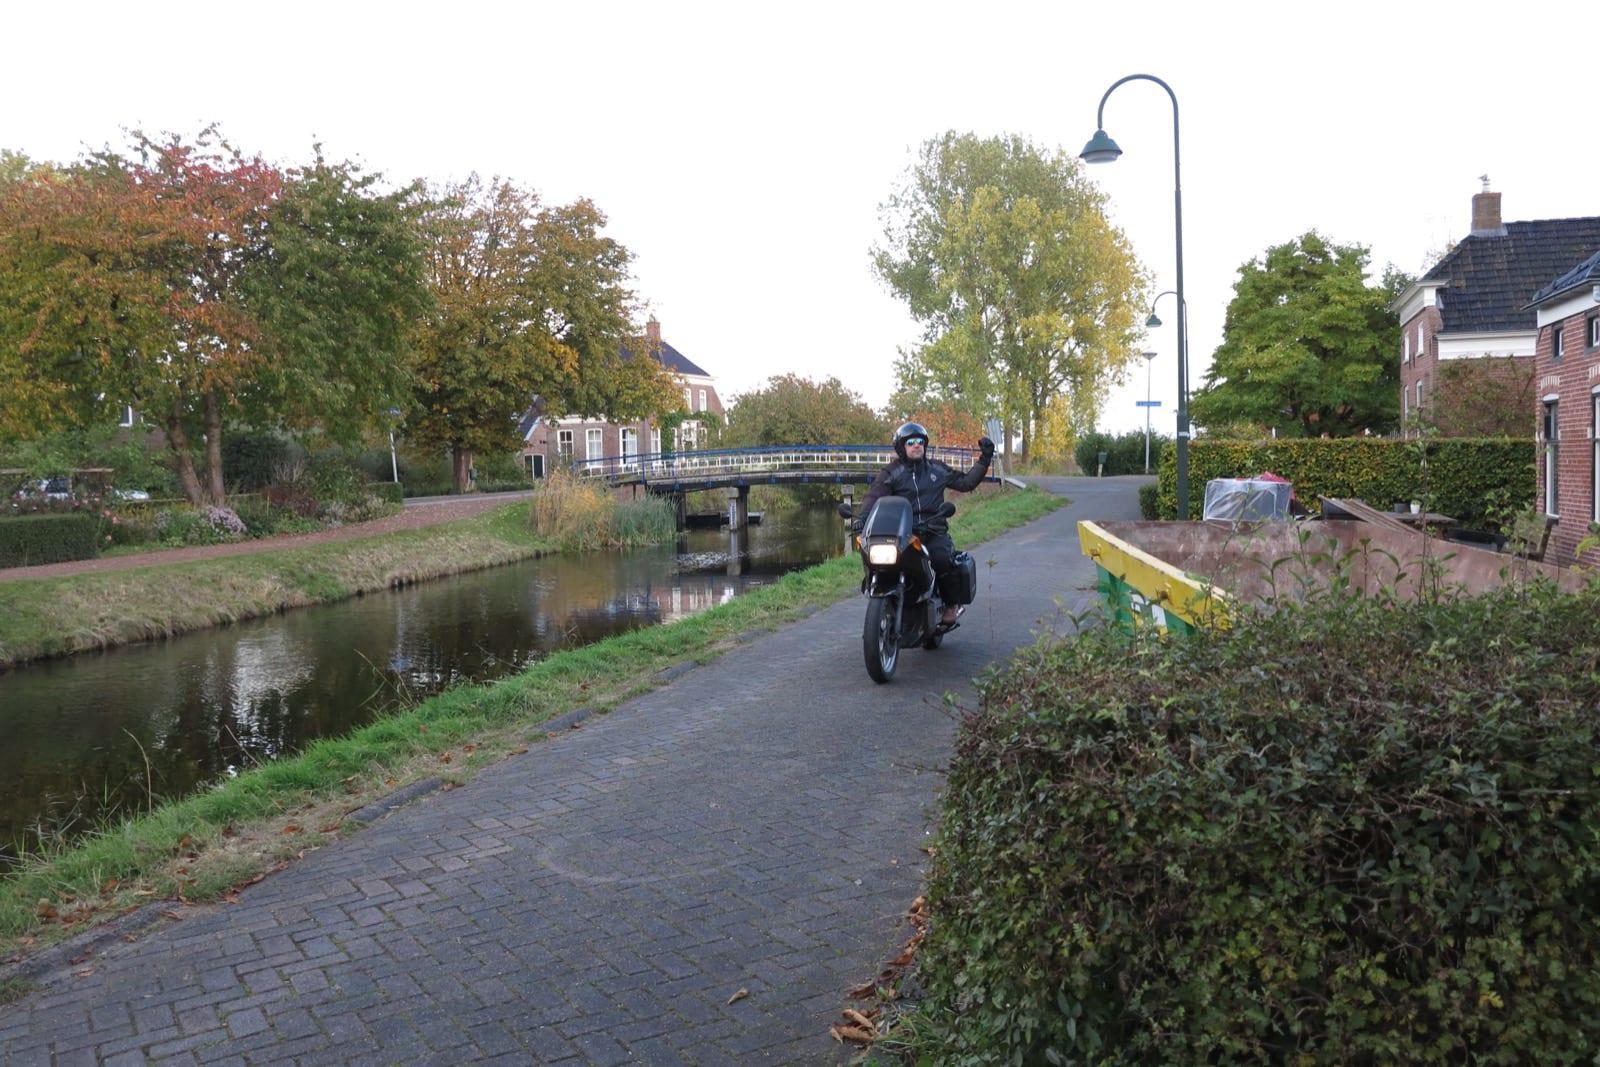 et-fiets-en-fietser-91-harm-vos---de-dijk-4---op-motorfiets-oi.jpg